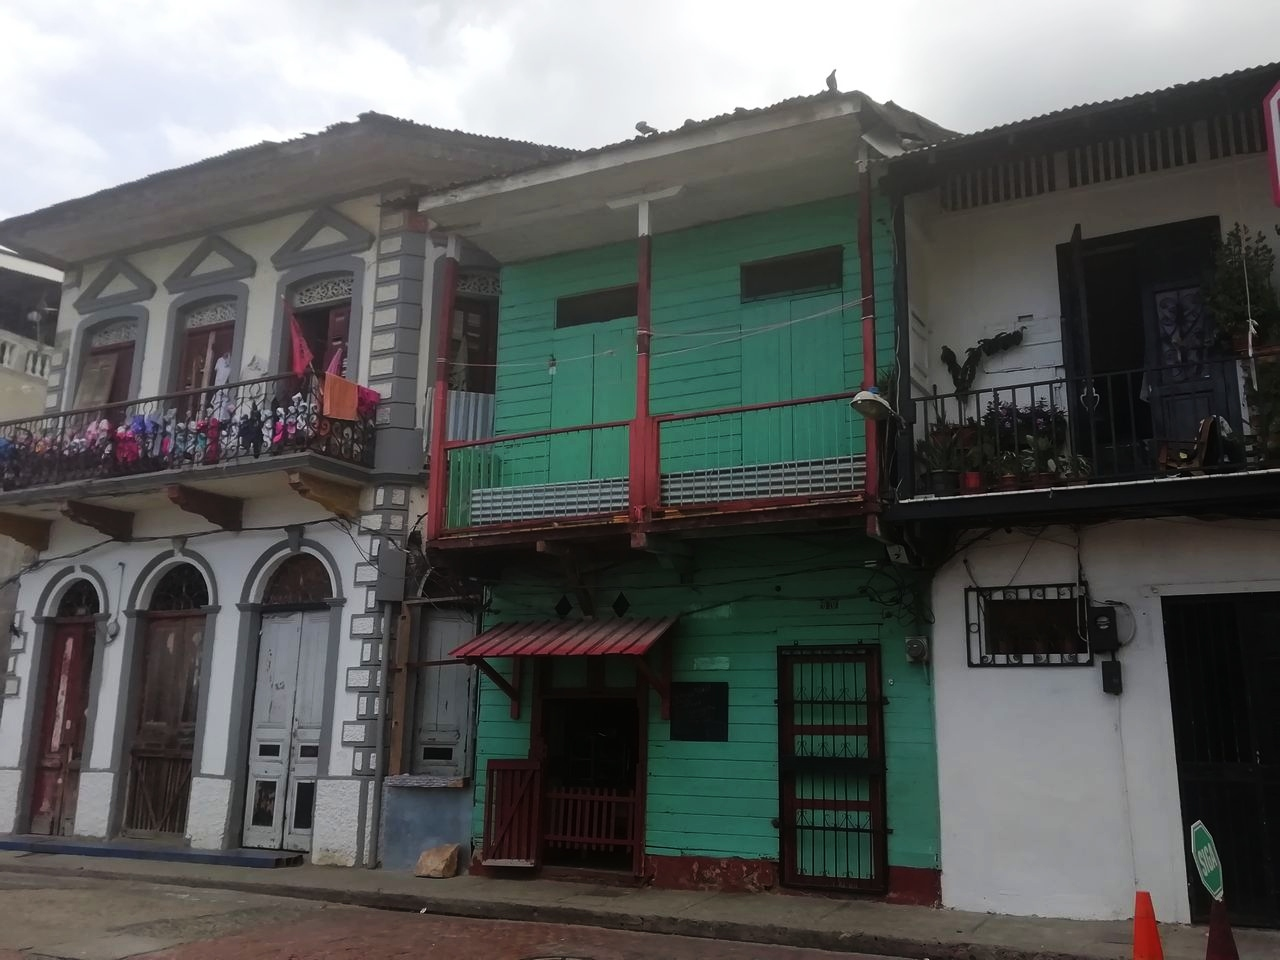 Qué ver en Ciudad de Panamá: casco antiguo con casas coloniales.